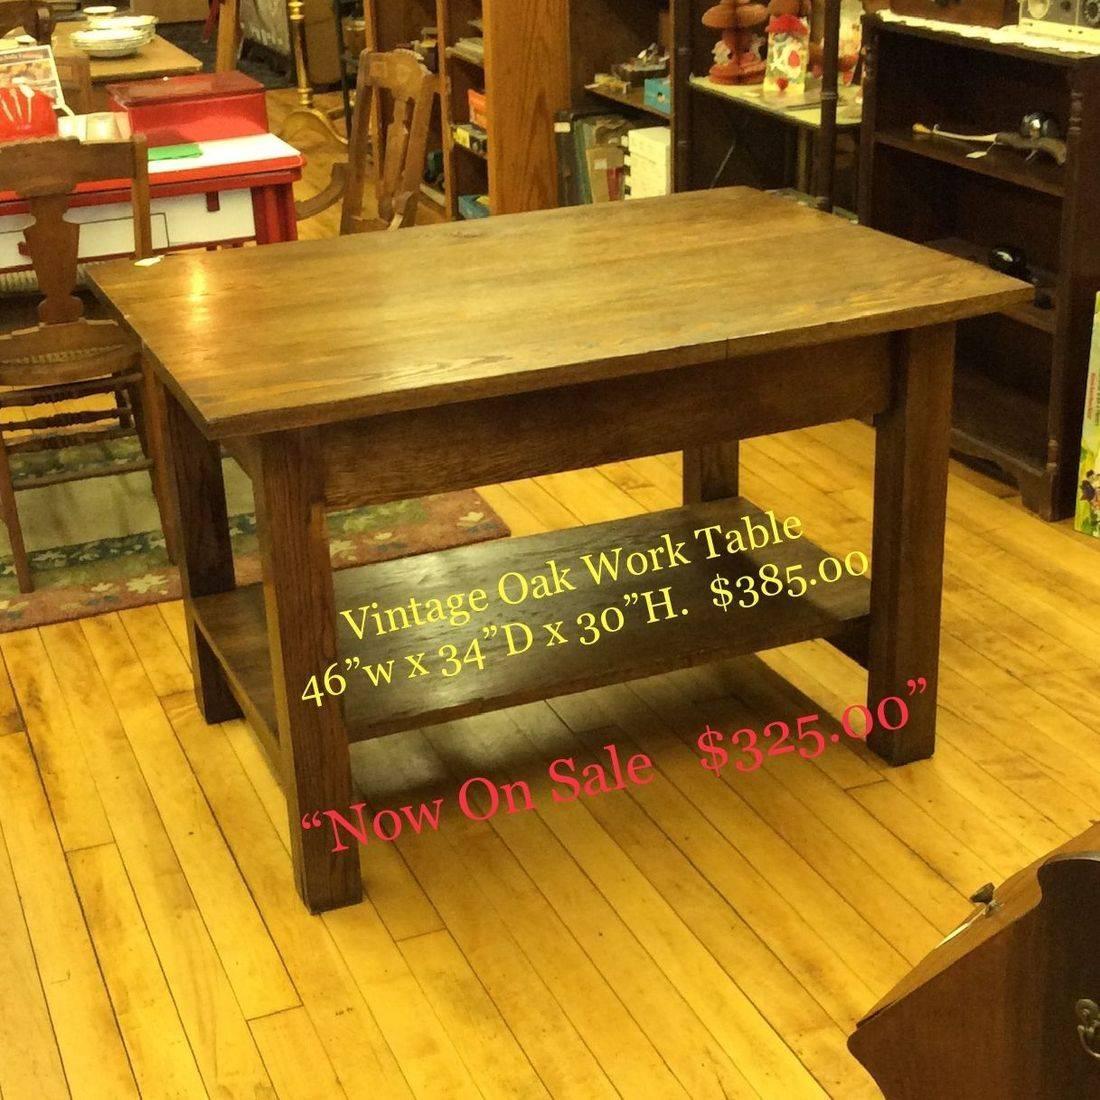 """Vintage Oak Work Table w/Shelf 46""""W x 33-3/4""""D x 30""""H. ( very solid, very heavy )   $385.00"""